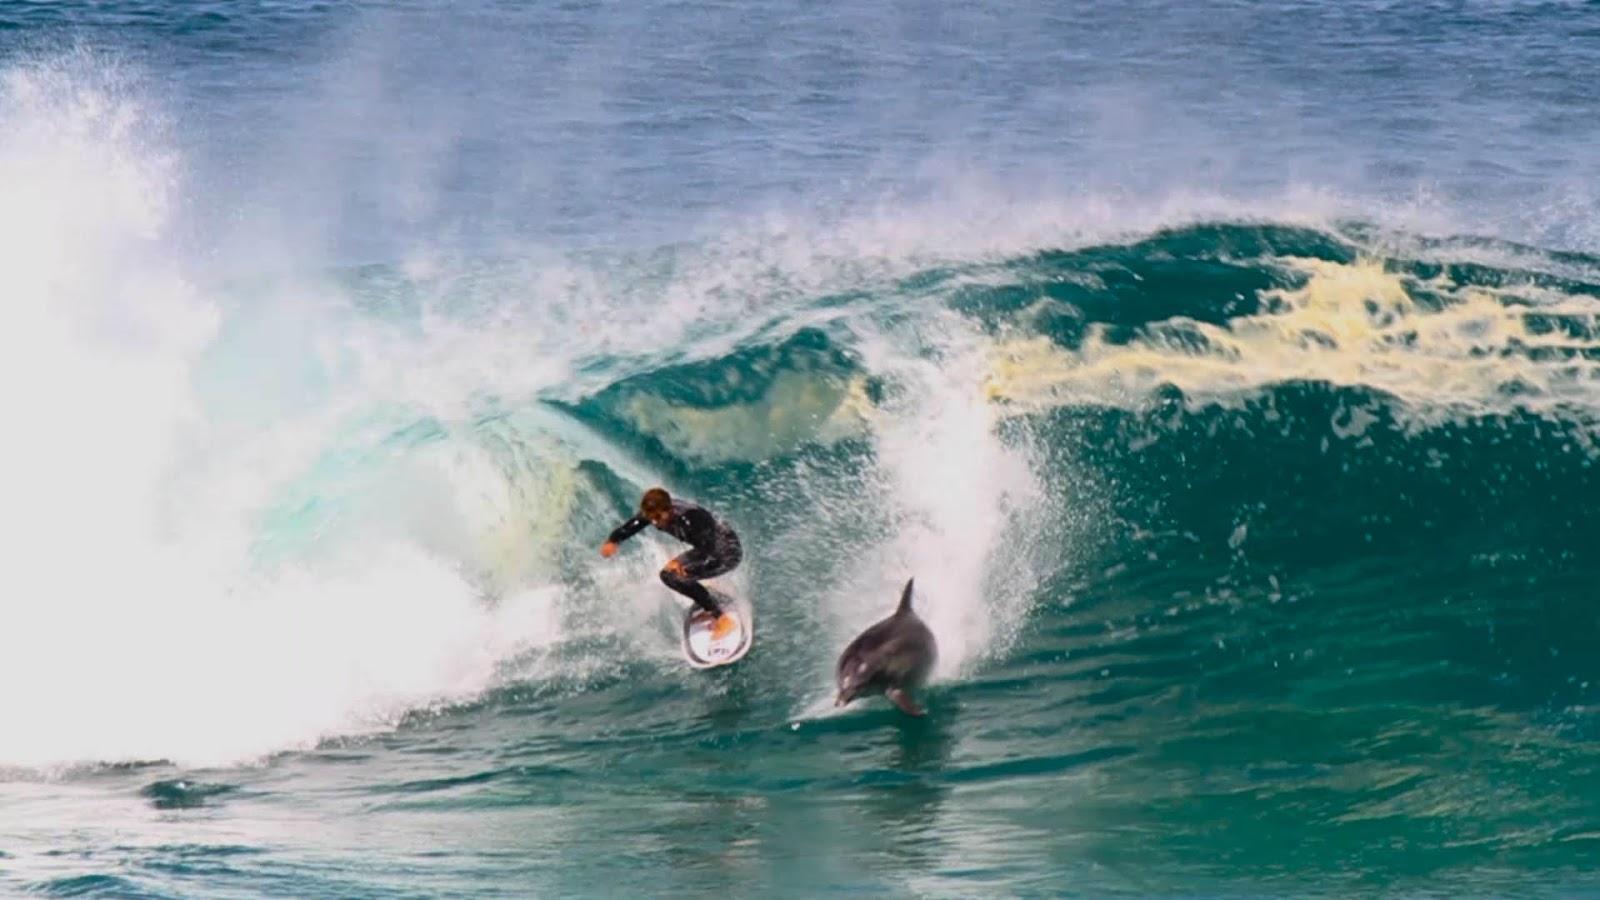 delfin saltando una ola surfer